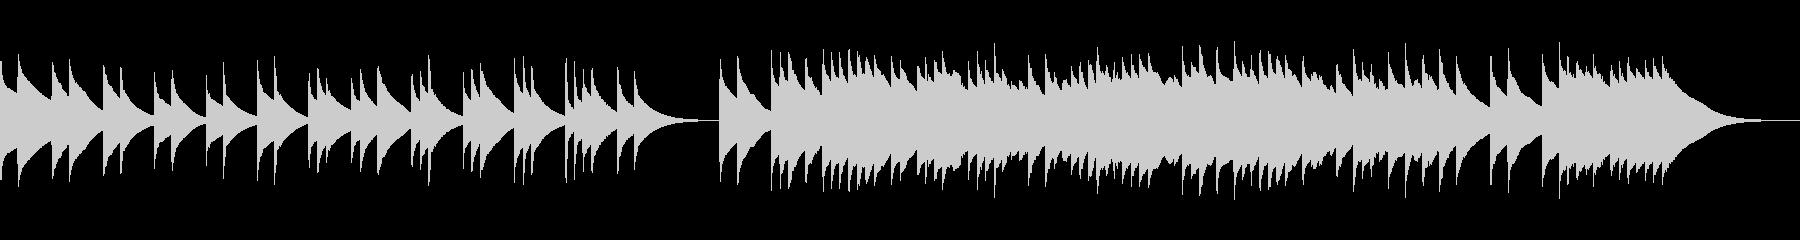 (フル)哀愁のチェレスタ曲単音展開複数音の未再生の波形